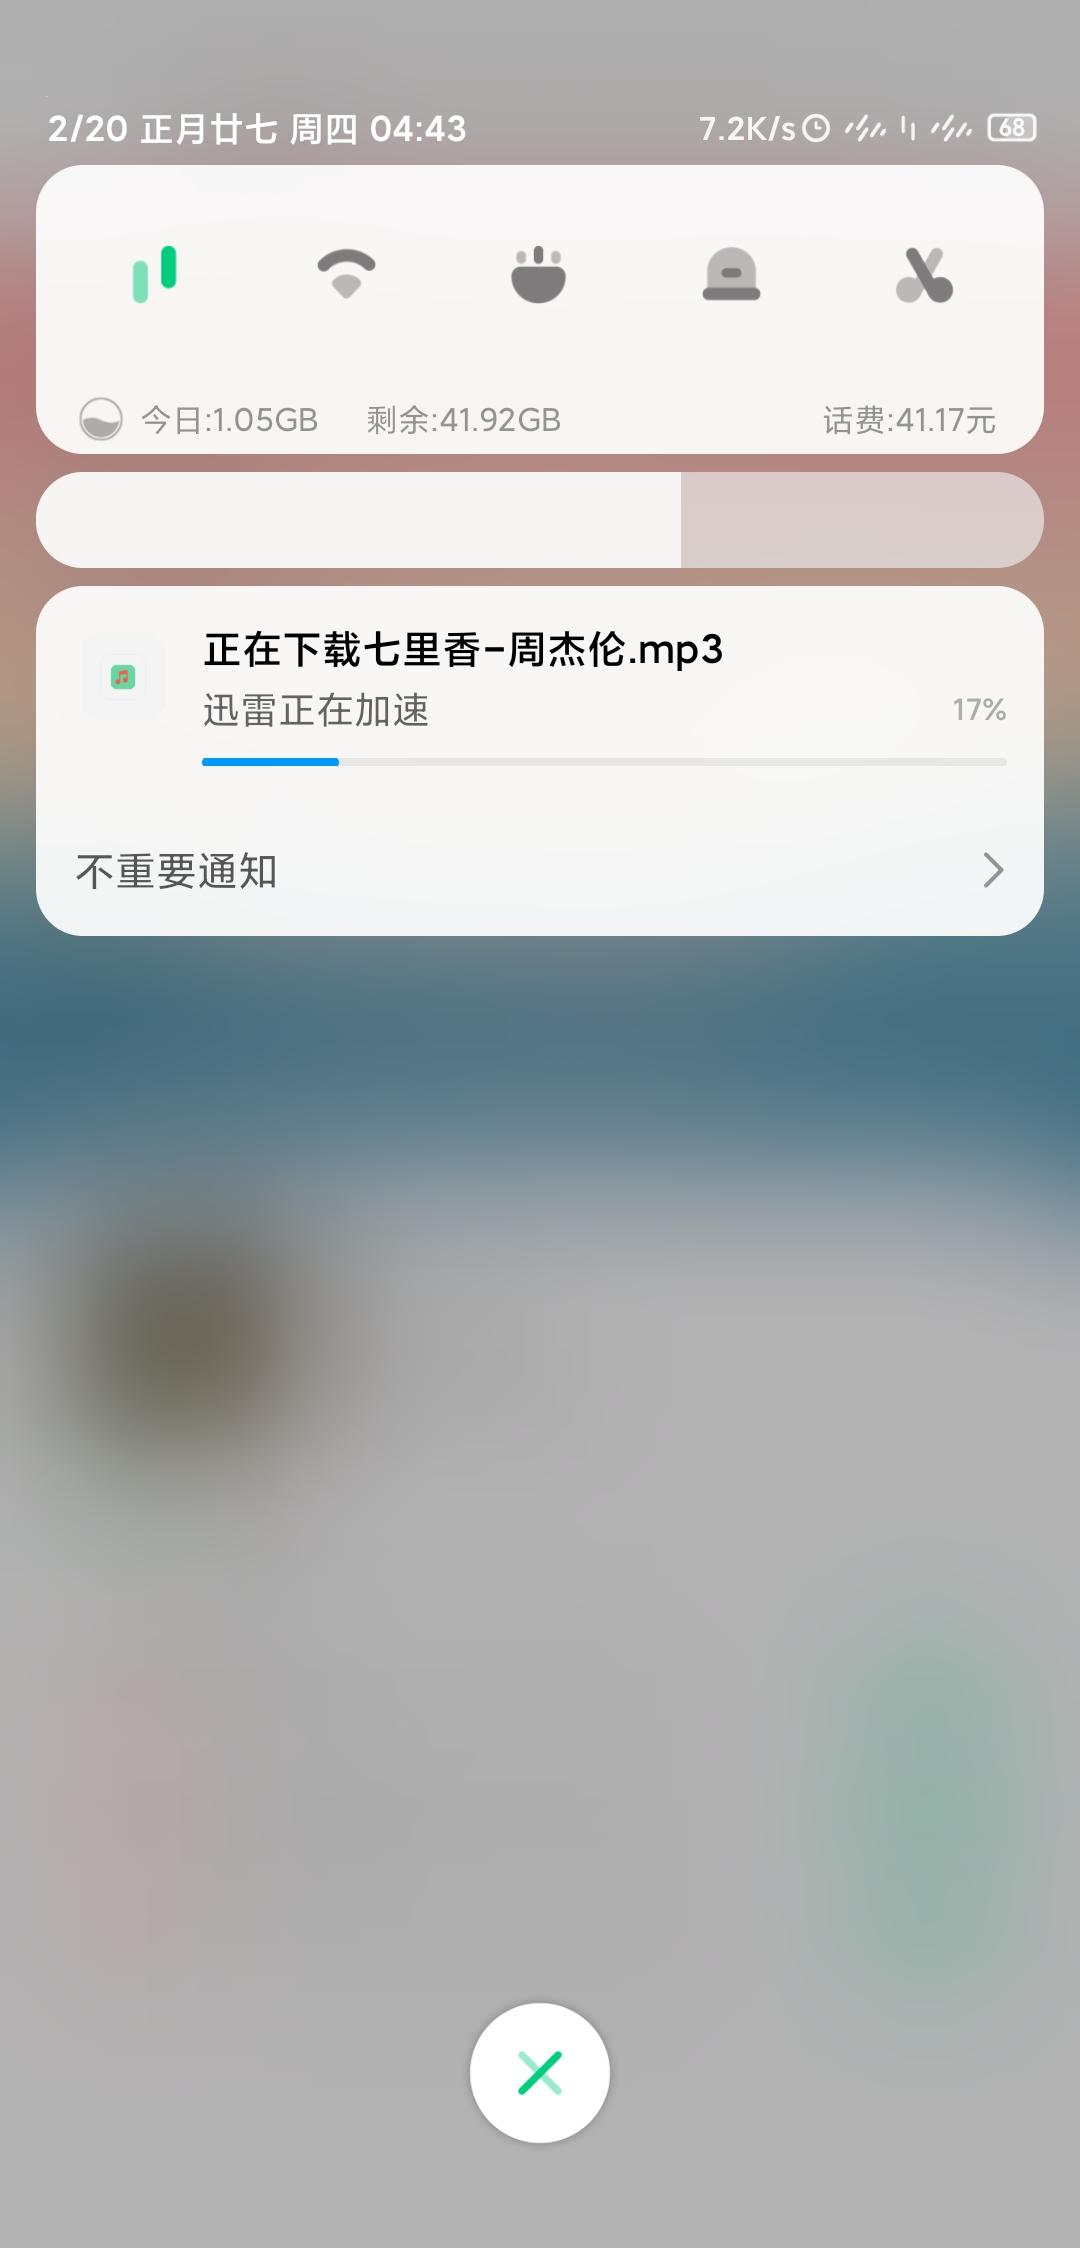 【分享】灵悦1.12开心一天